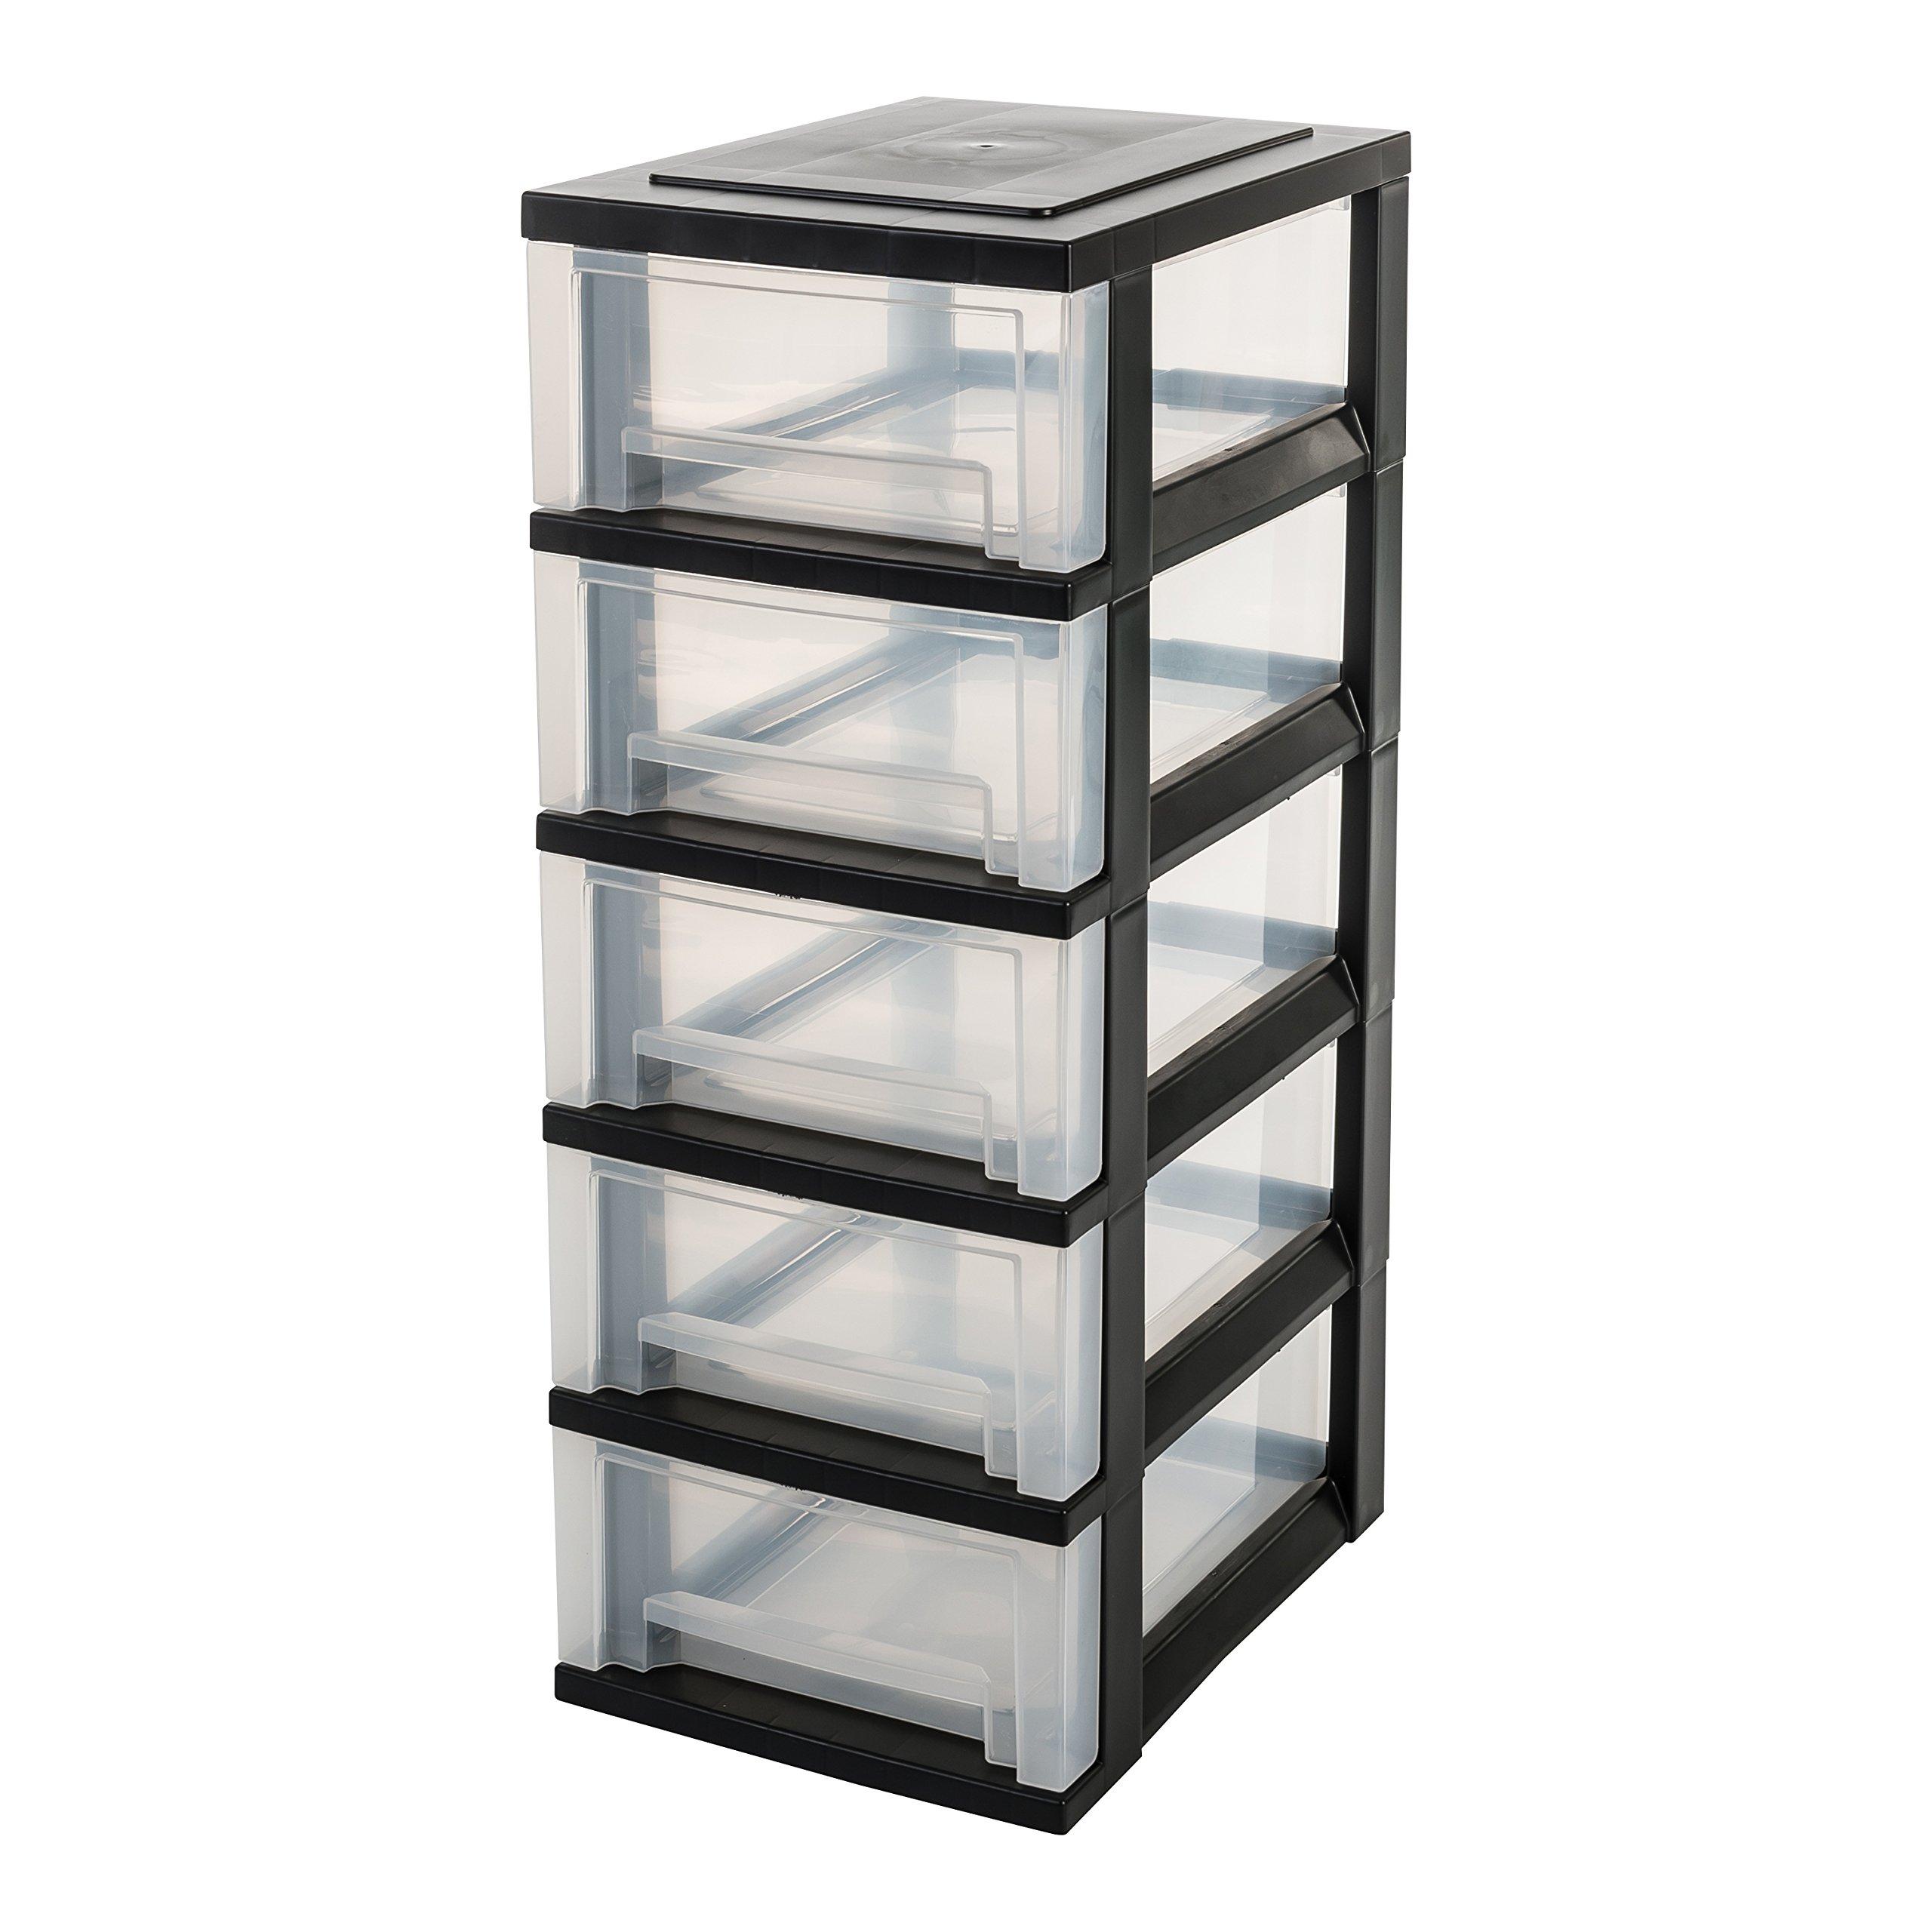 Einzigartig Rollcontainer Kunststoff Galerie Von Iris Schubladenschrank/schubladenbox/rollwagen/rollcontainer/werkzeugschrank